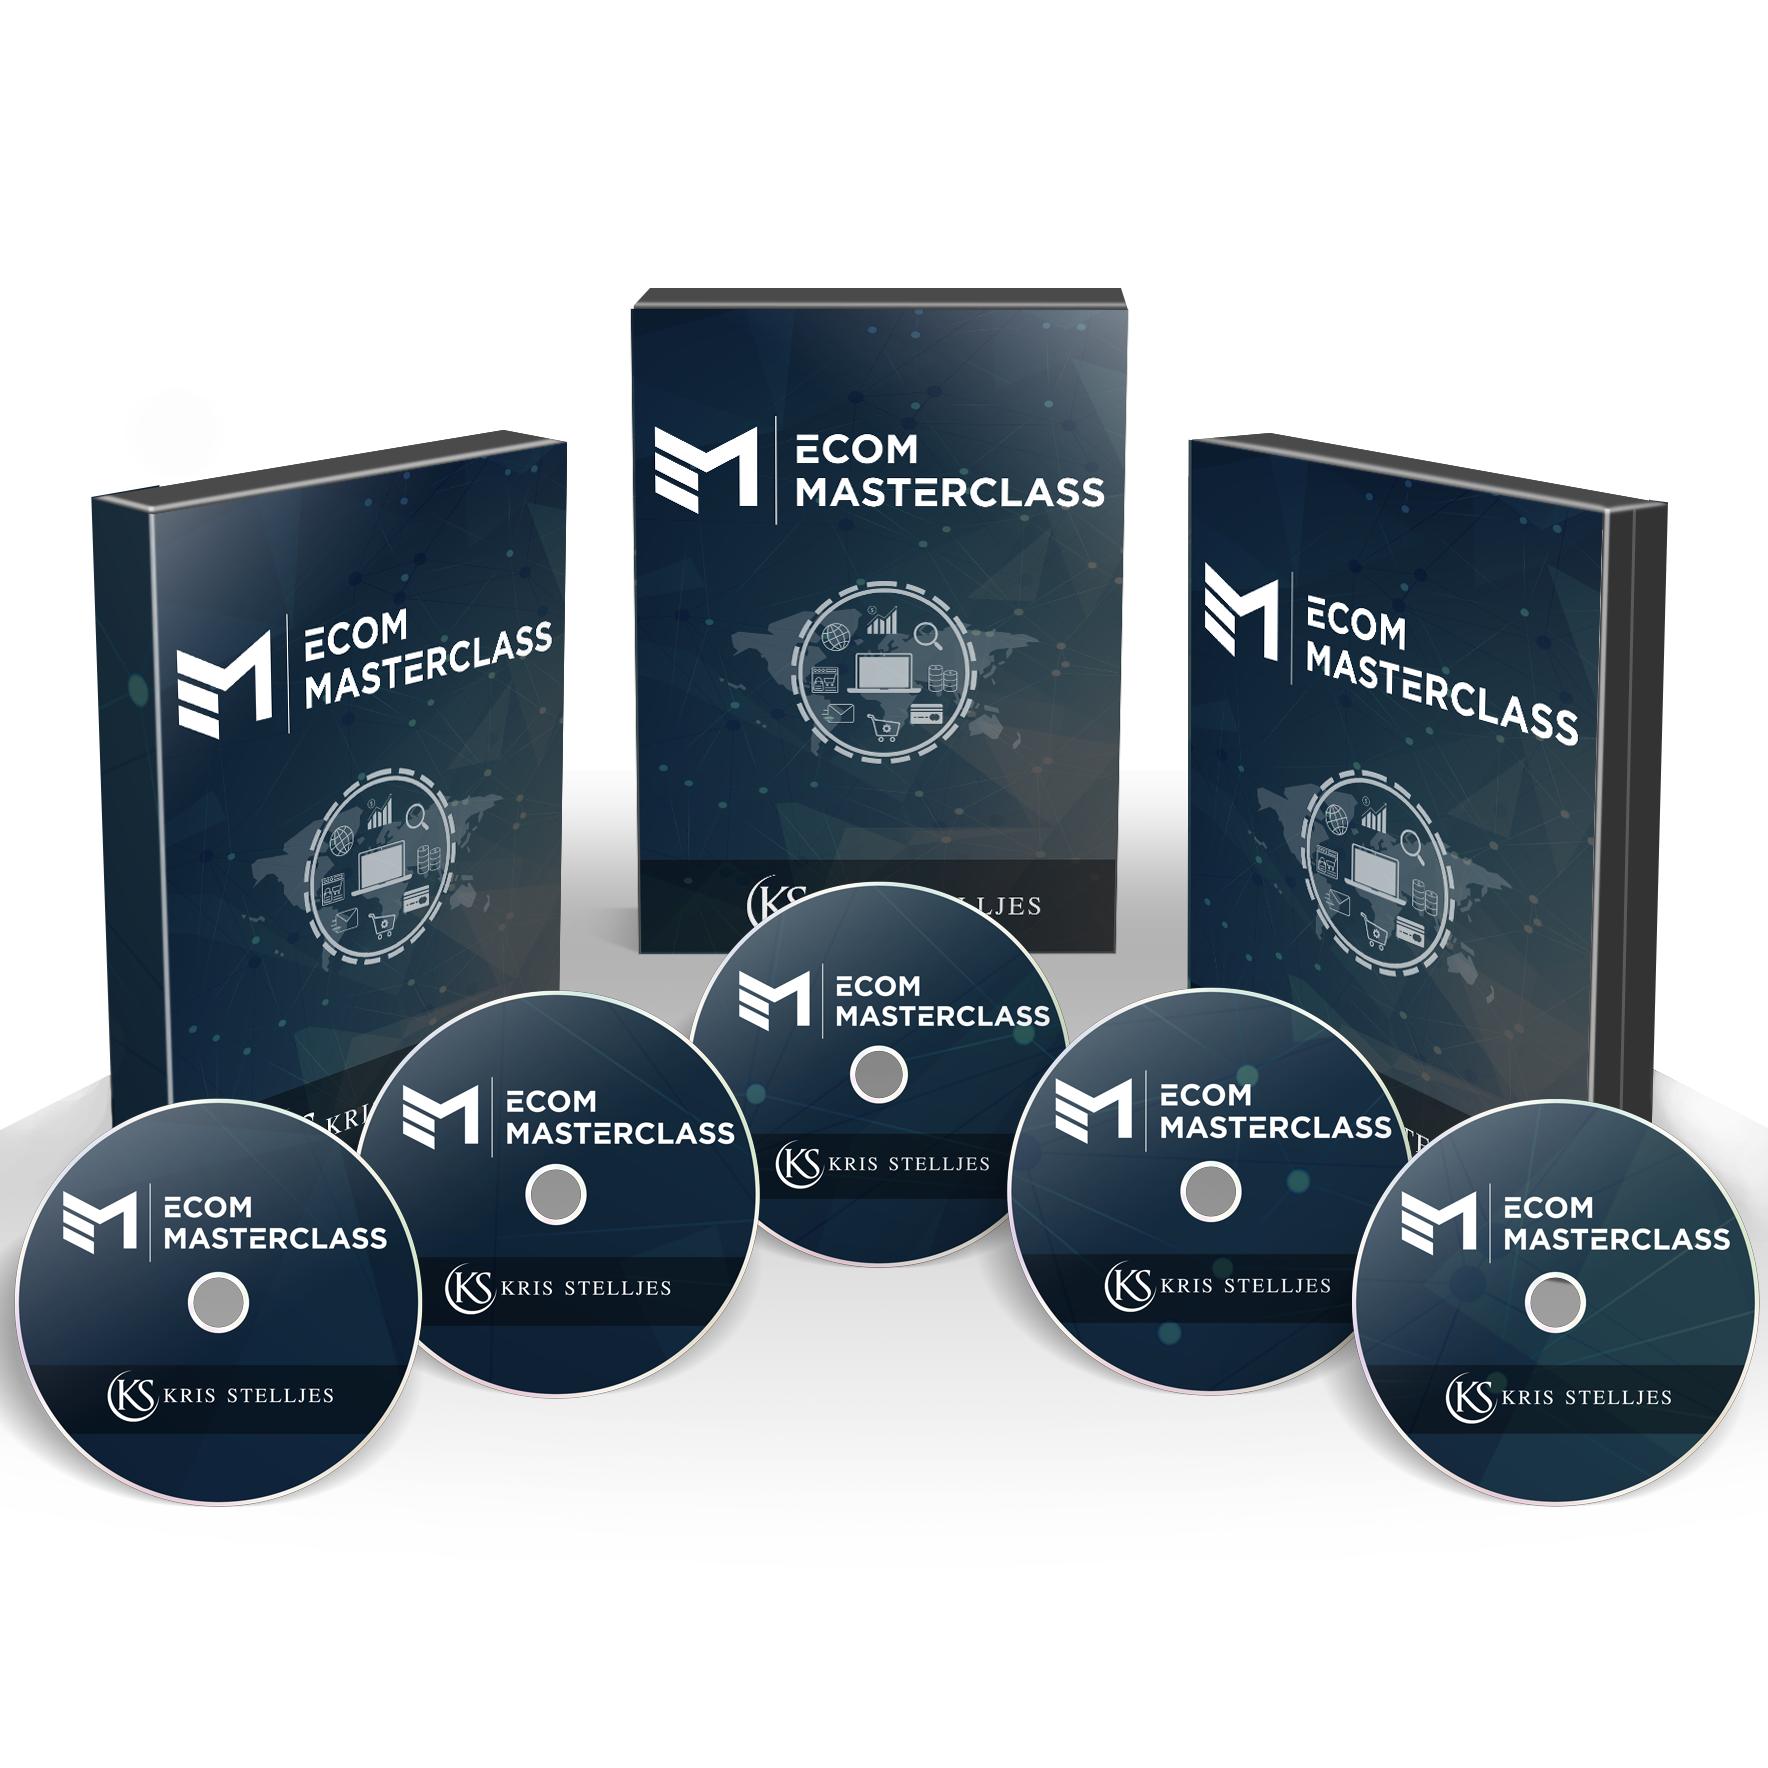 E-Com Masterclass - 50% Angebot HEUTE